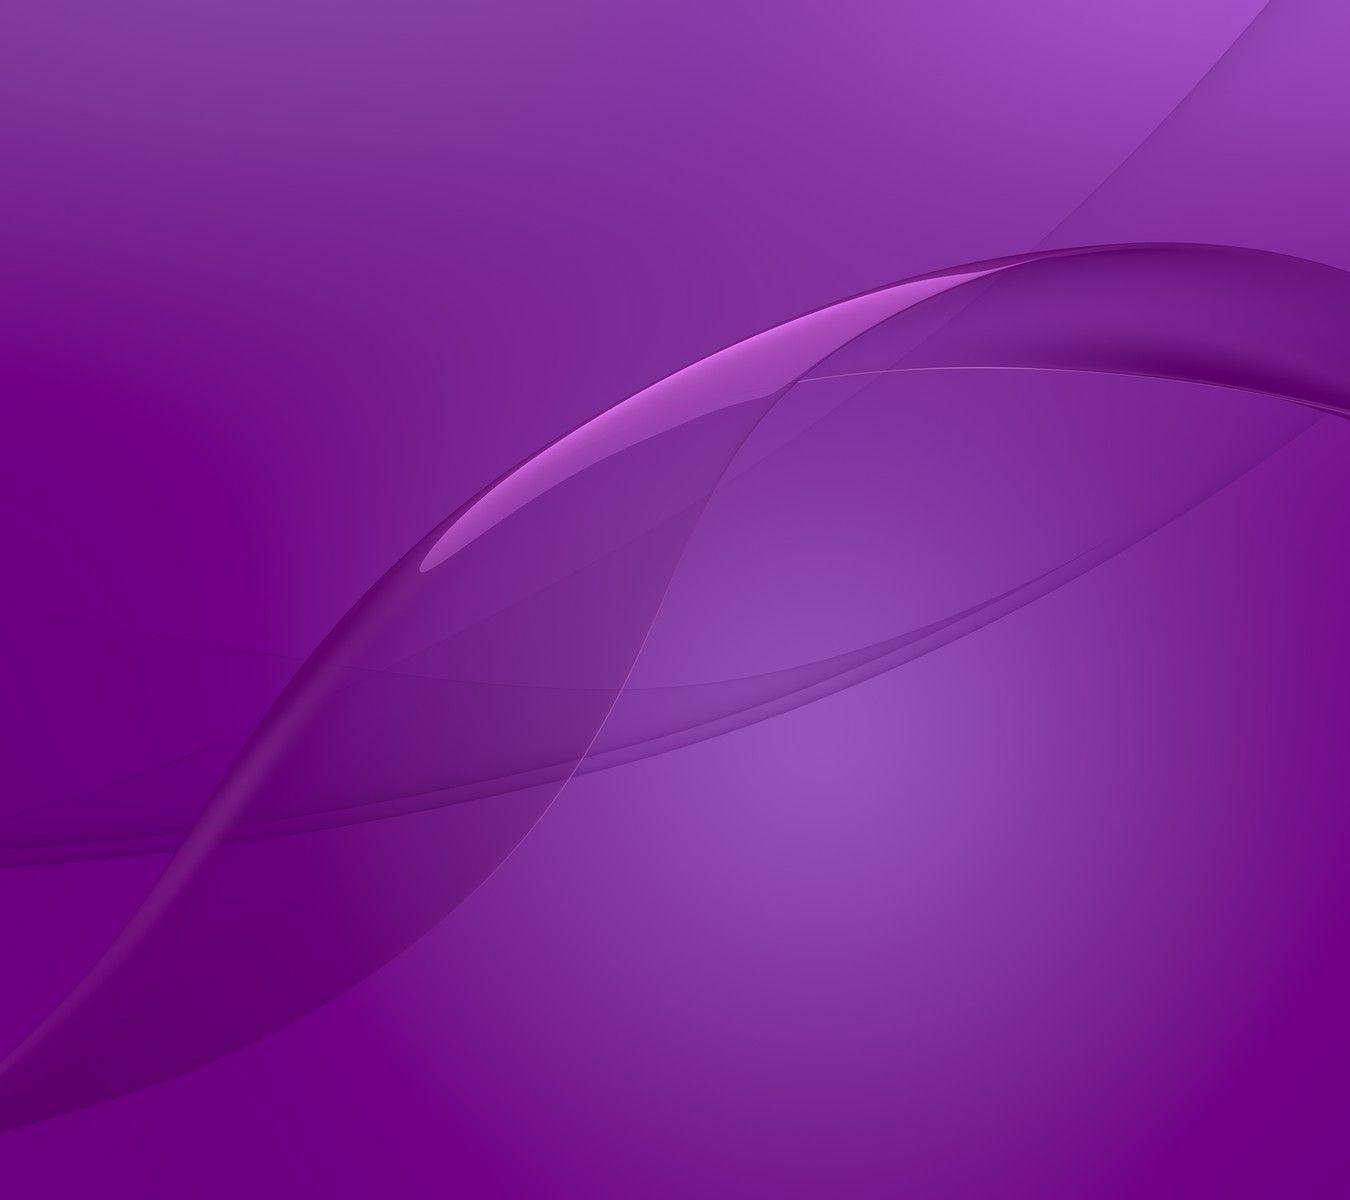 Sony Xperia Z Wallpapers, HD Sony Xperia Z Photos